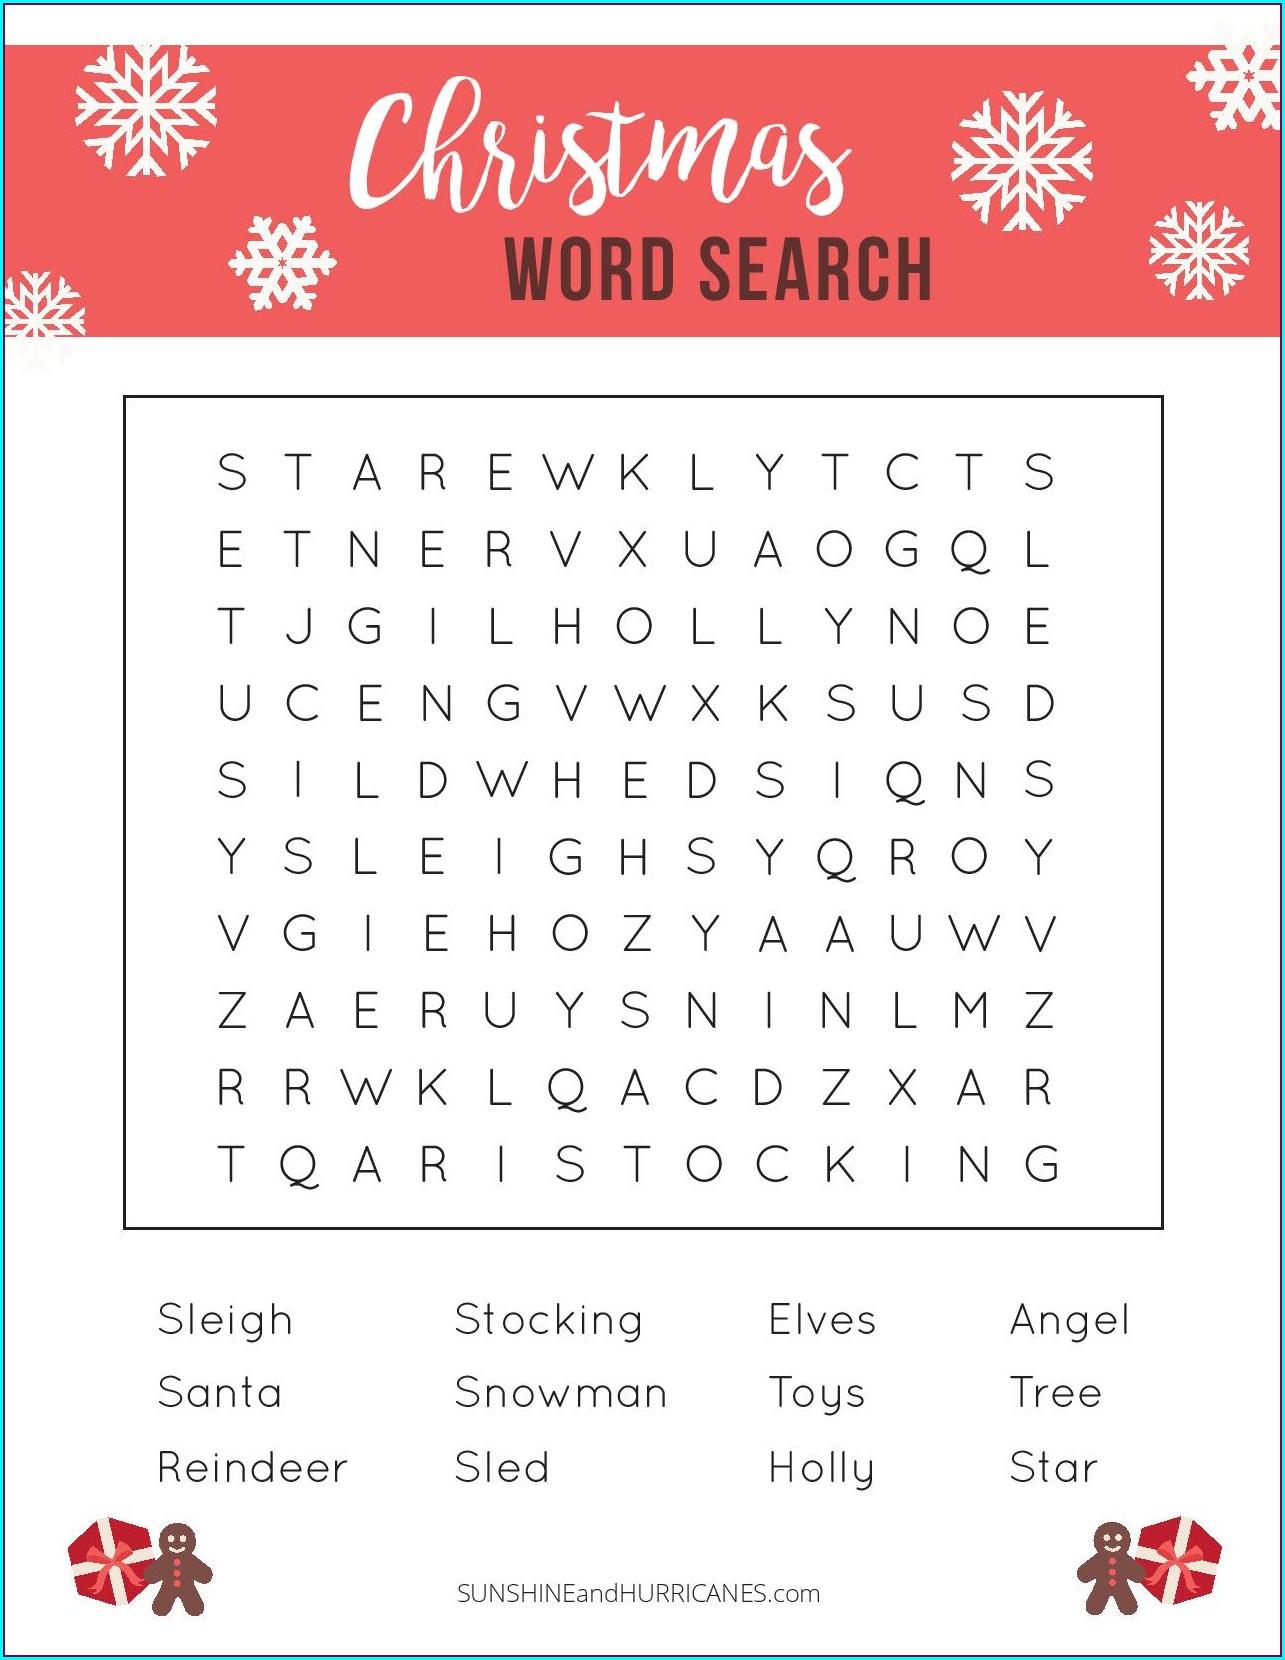 Christmas Word Search Printable